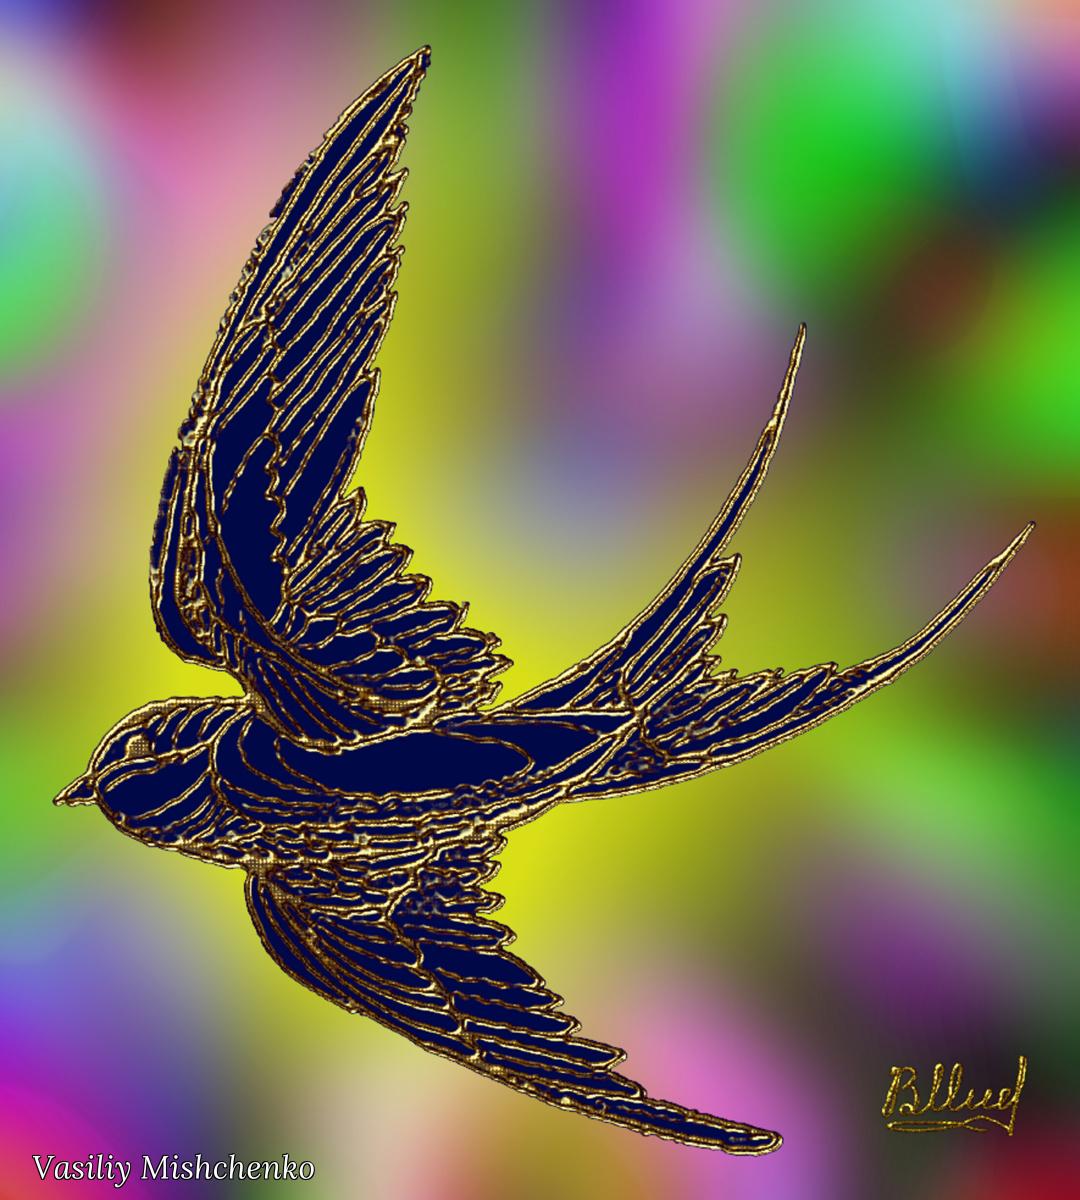 Vasiliy Mishchenko. Birds 023